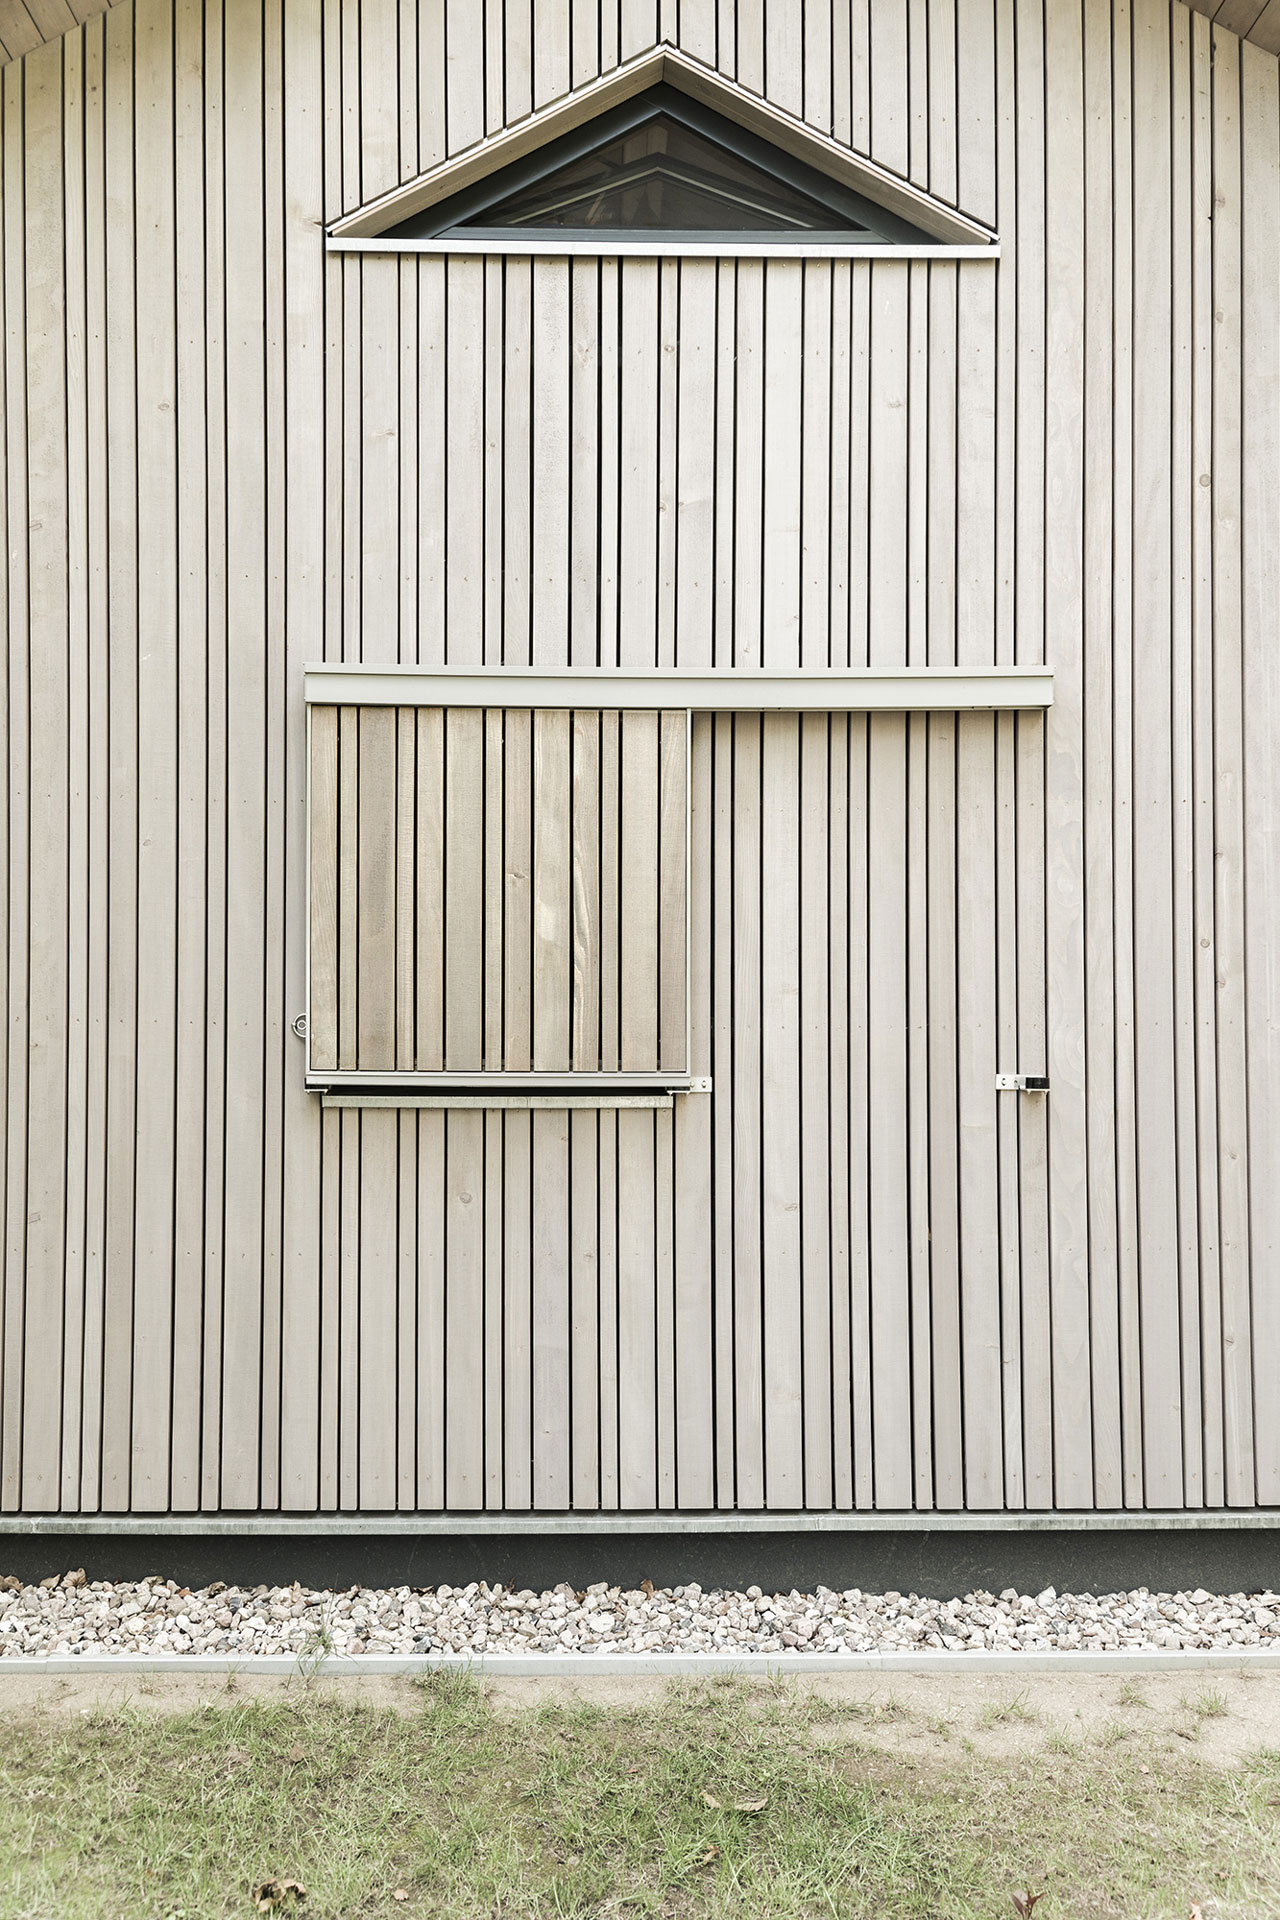 Ferienhaus im Landkreis NWM (01) / Detail